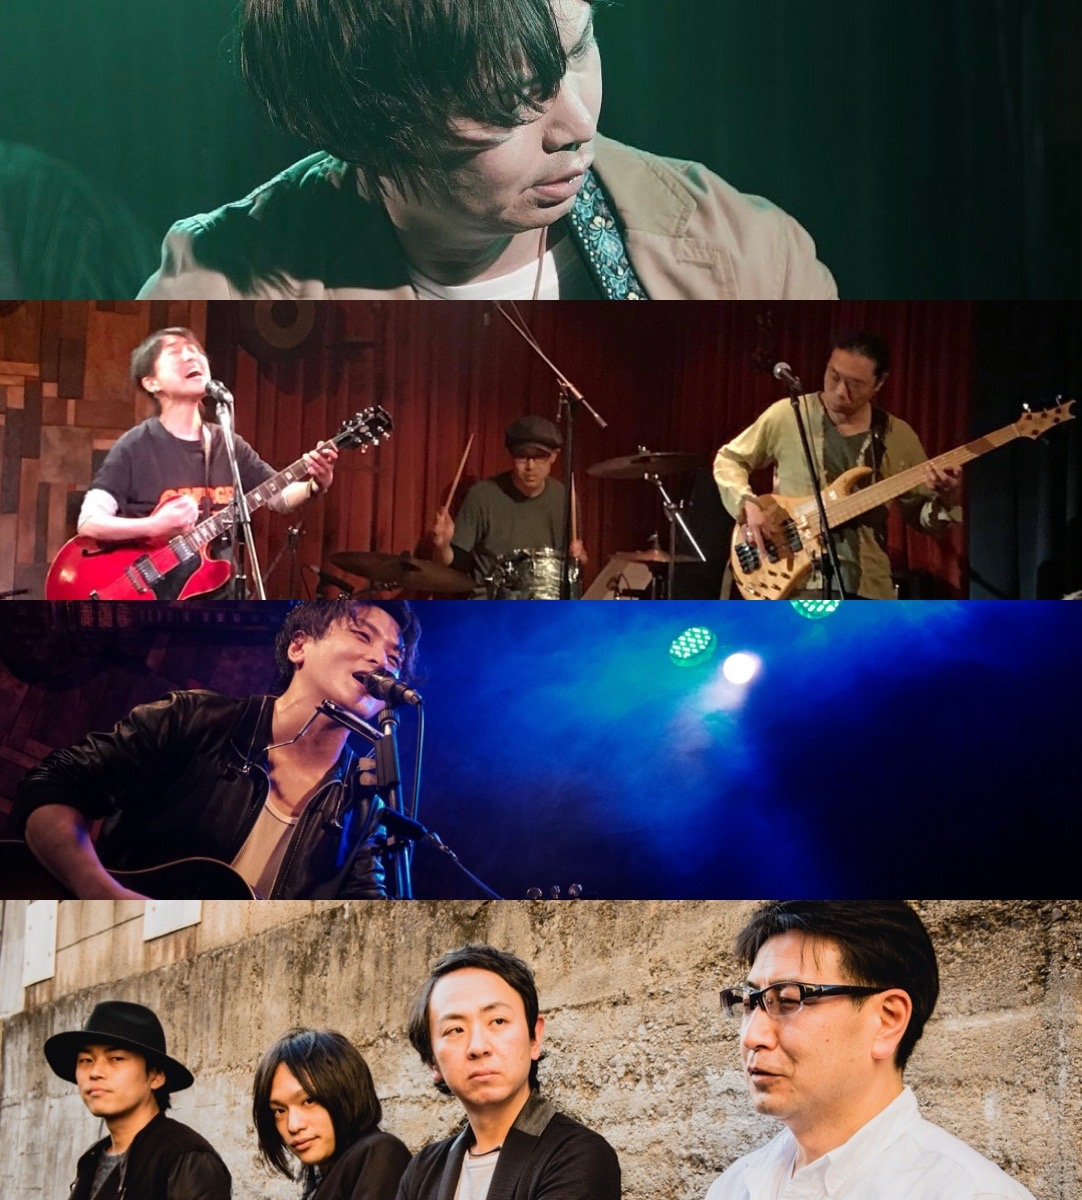 『青い空 君の空 僕の空』出演:プレジー3吉 / 真帆ばんど / 荒木林太郎 / 波紋